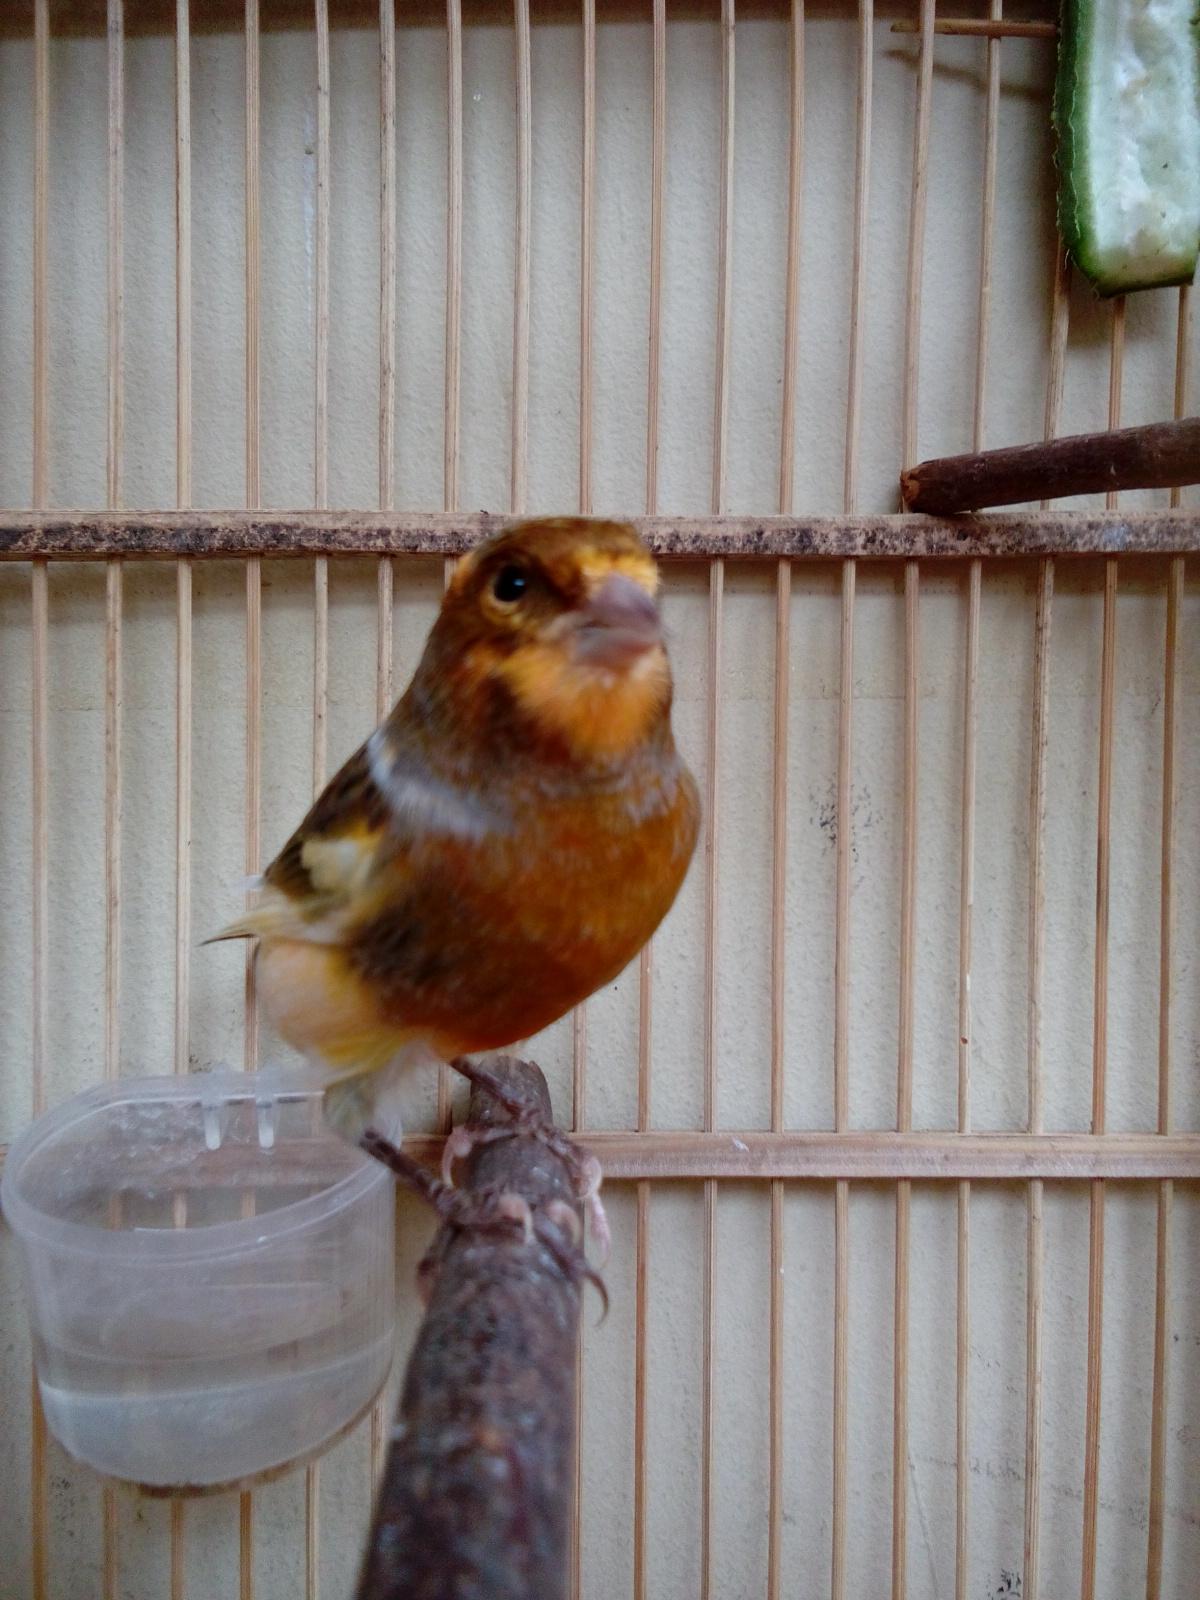 Beli burung kenari jantan terlengkap & berkualitas harga murah september 2021 terbaru di tokopedia! Harga Burung Kenari Warna Bon - Syurat e